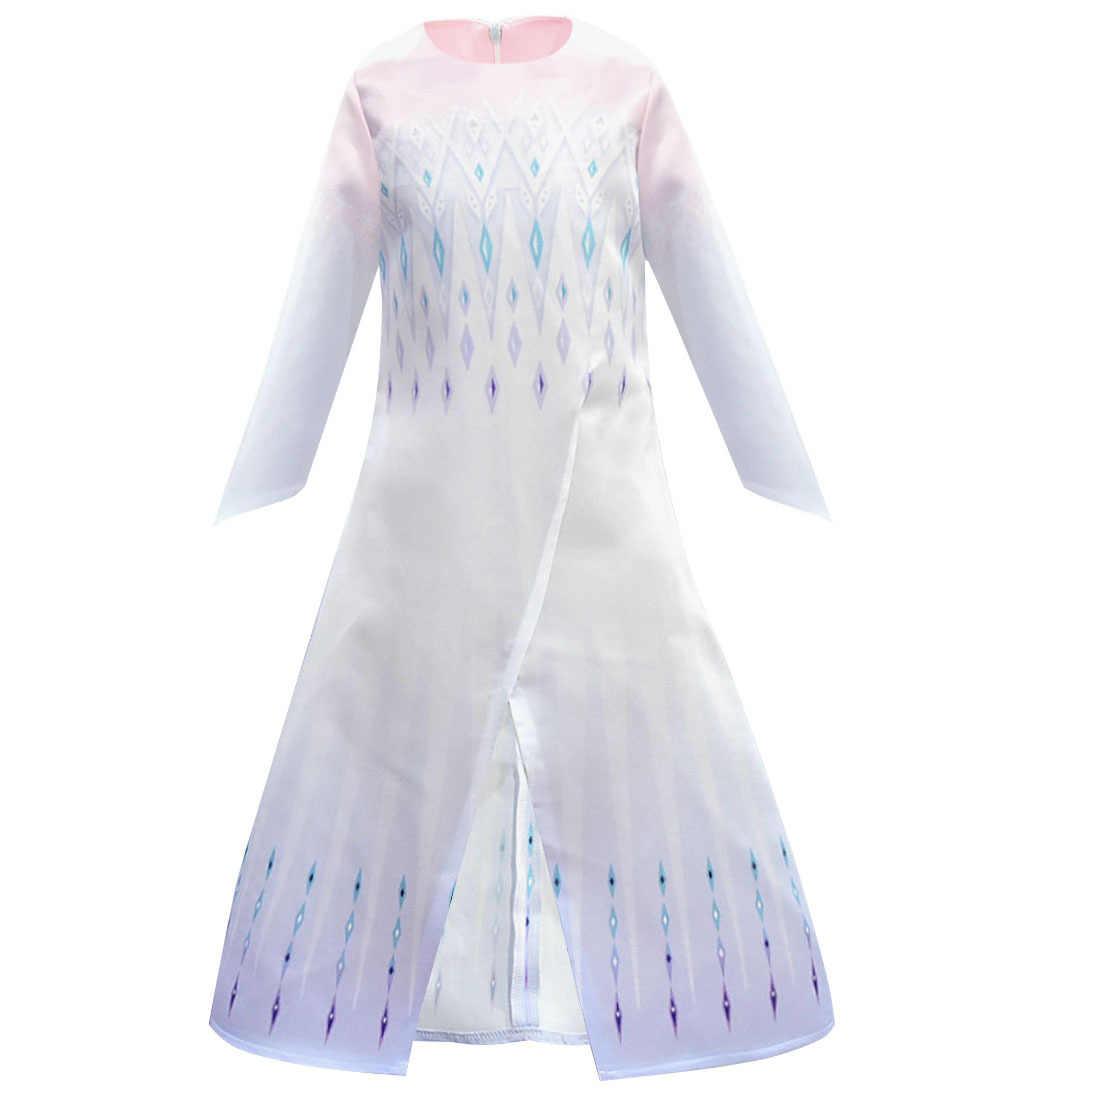 Frozen 2 Elsa Gaun Bayi Gadis Gaun Putri Anna Elsa Cosplay Kostum Lengan Panjang Gadis Putri Gaun Ulang Tahun Gaun Pesta